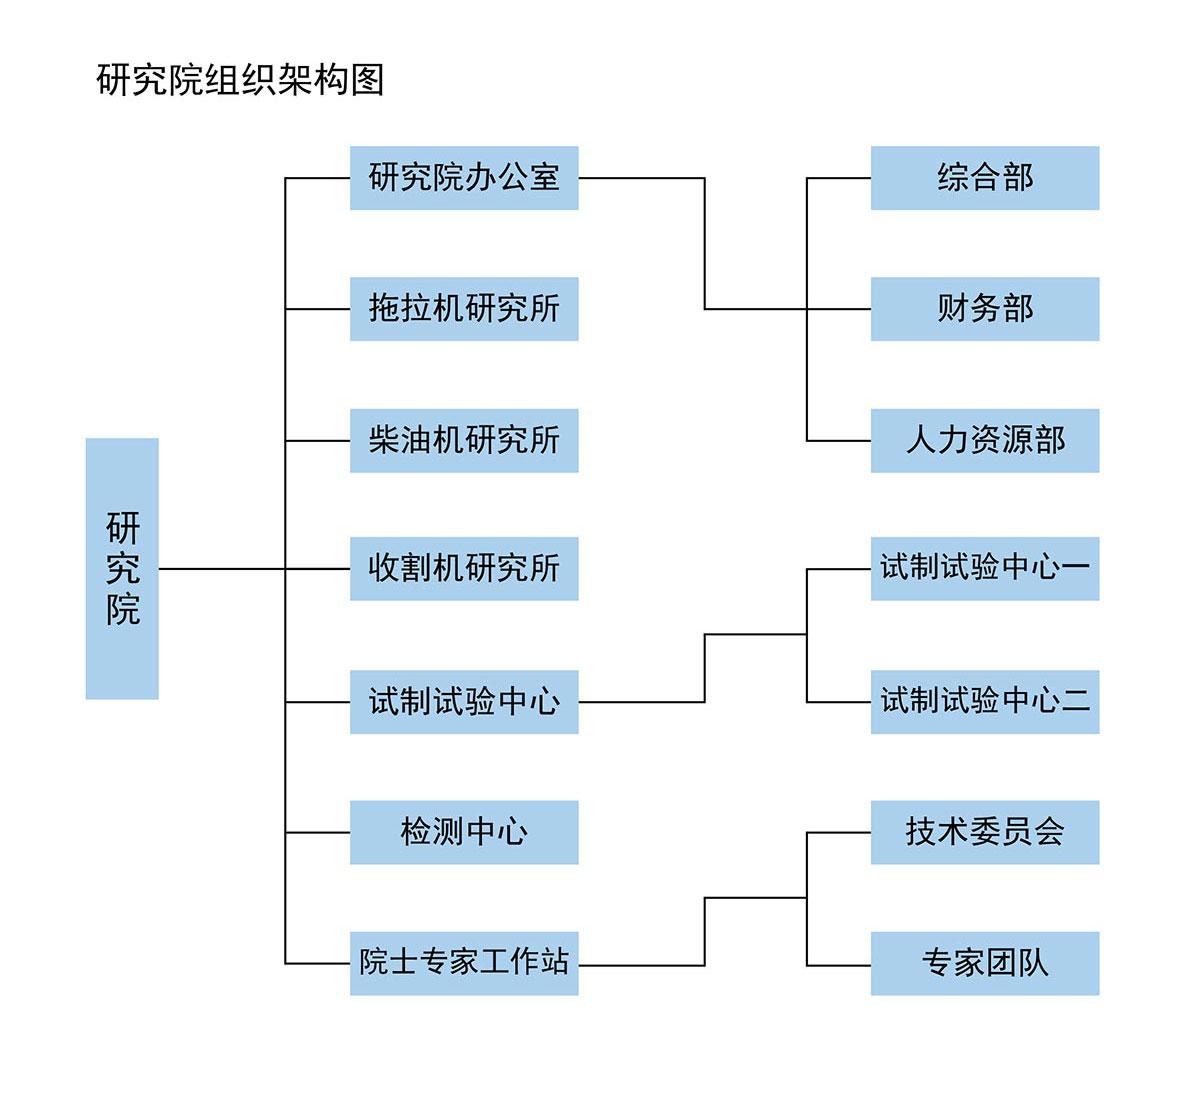 研究院组织架构图